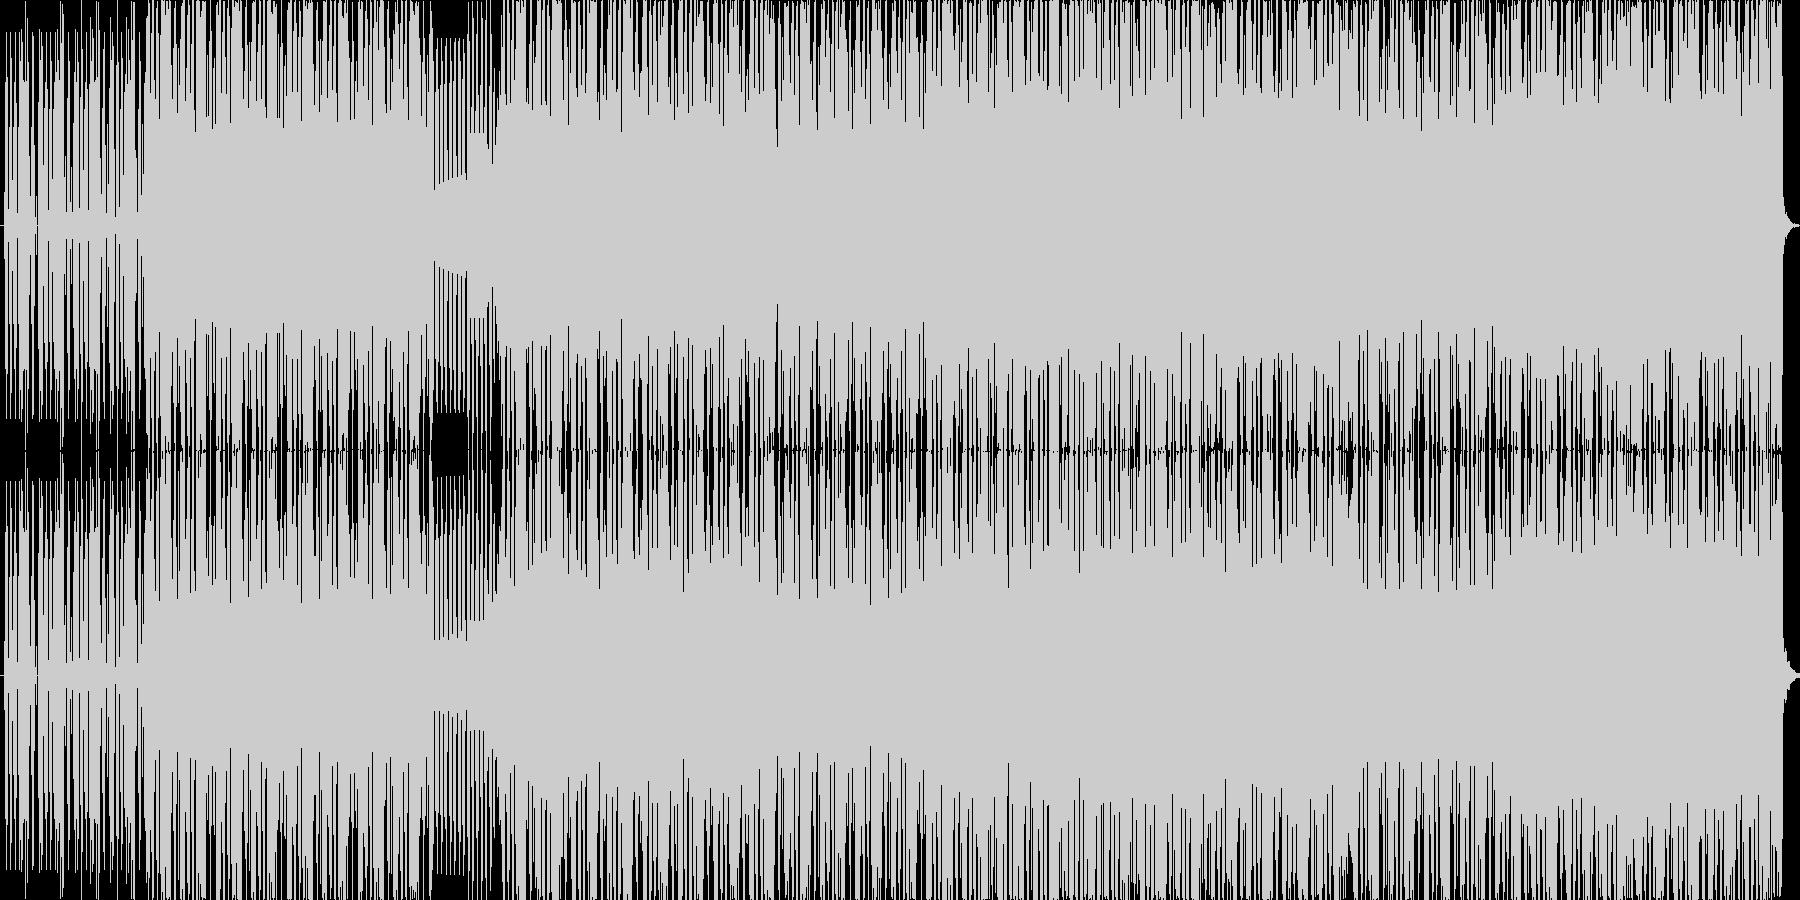 ゲームなどで使えそうな曲かと思います。の未再生の波形